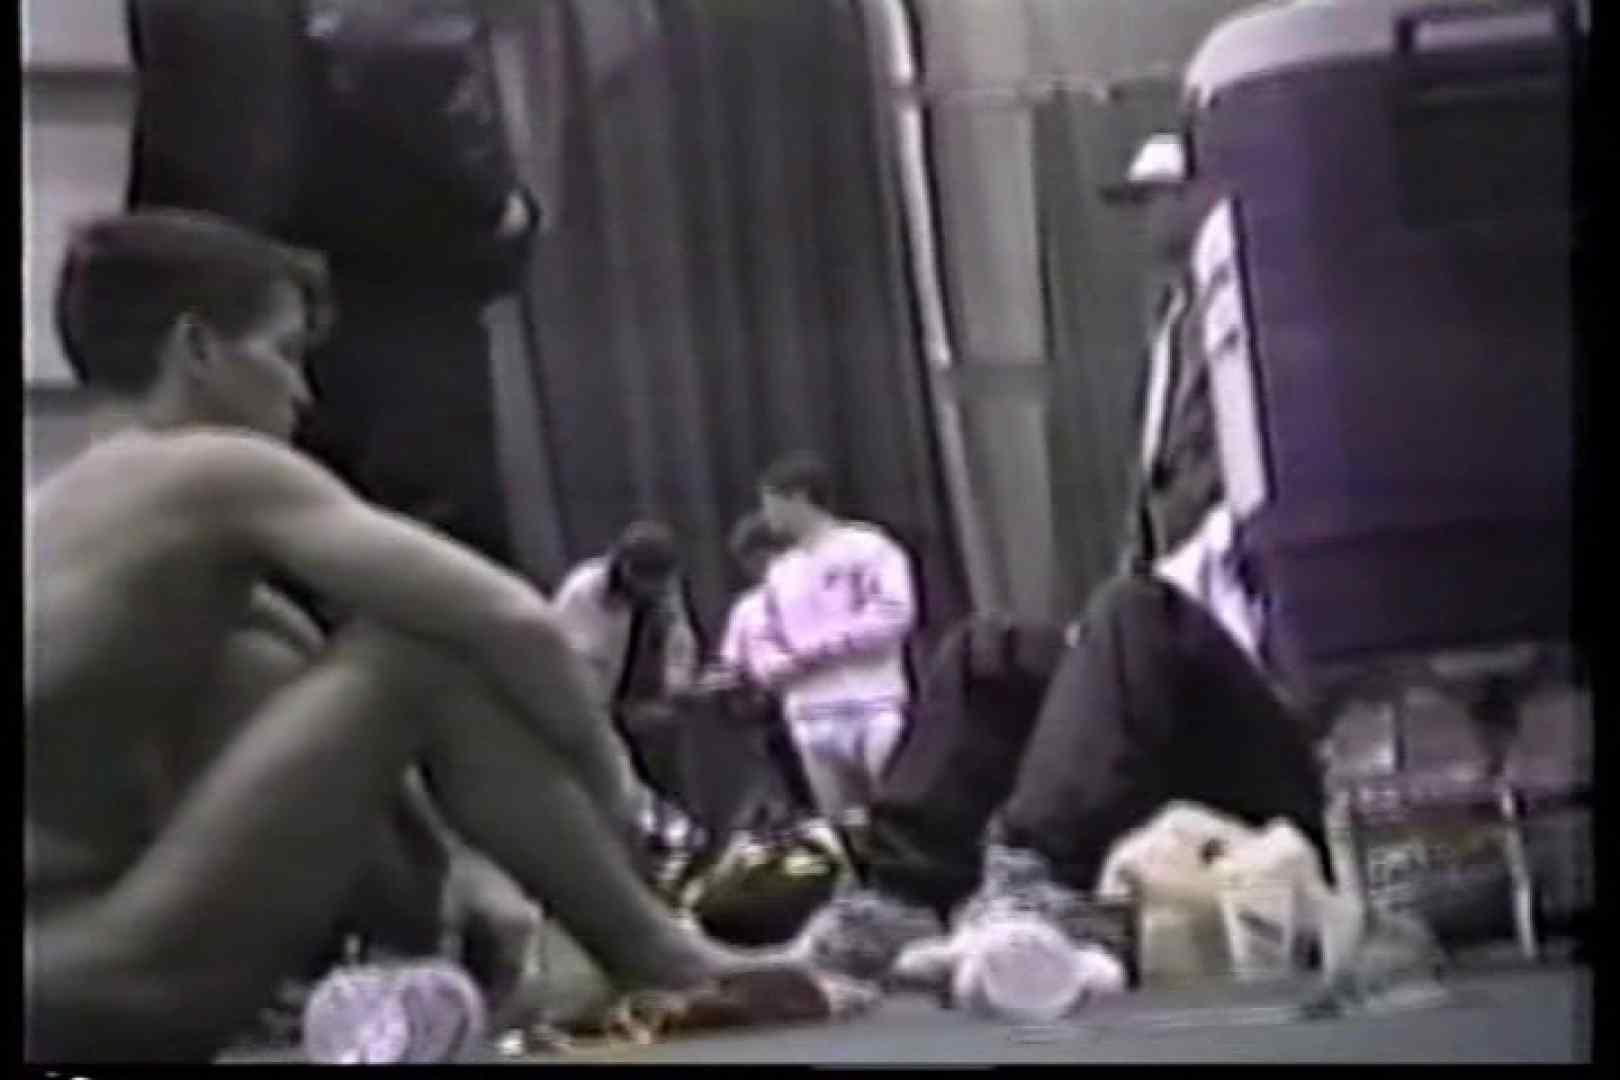 洋人さんの脱衣所を覗いてみました。VOL.5 ボーイズ覗き | ガチムチマッチョ系  80pic 14